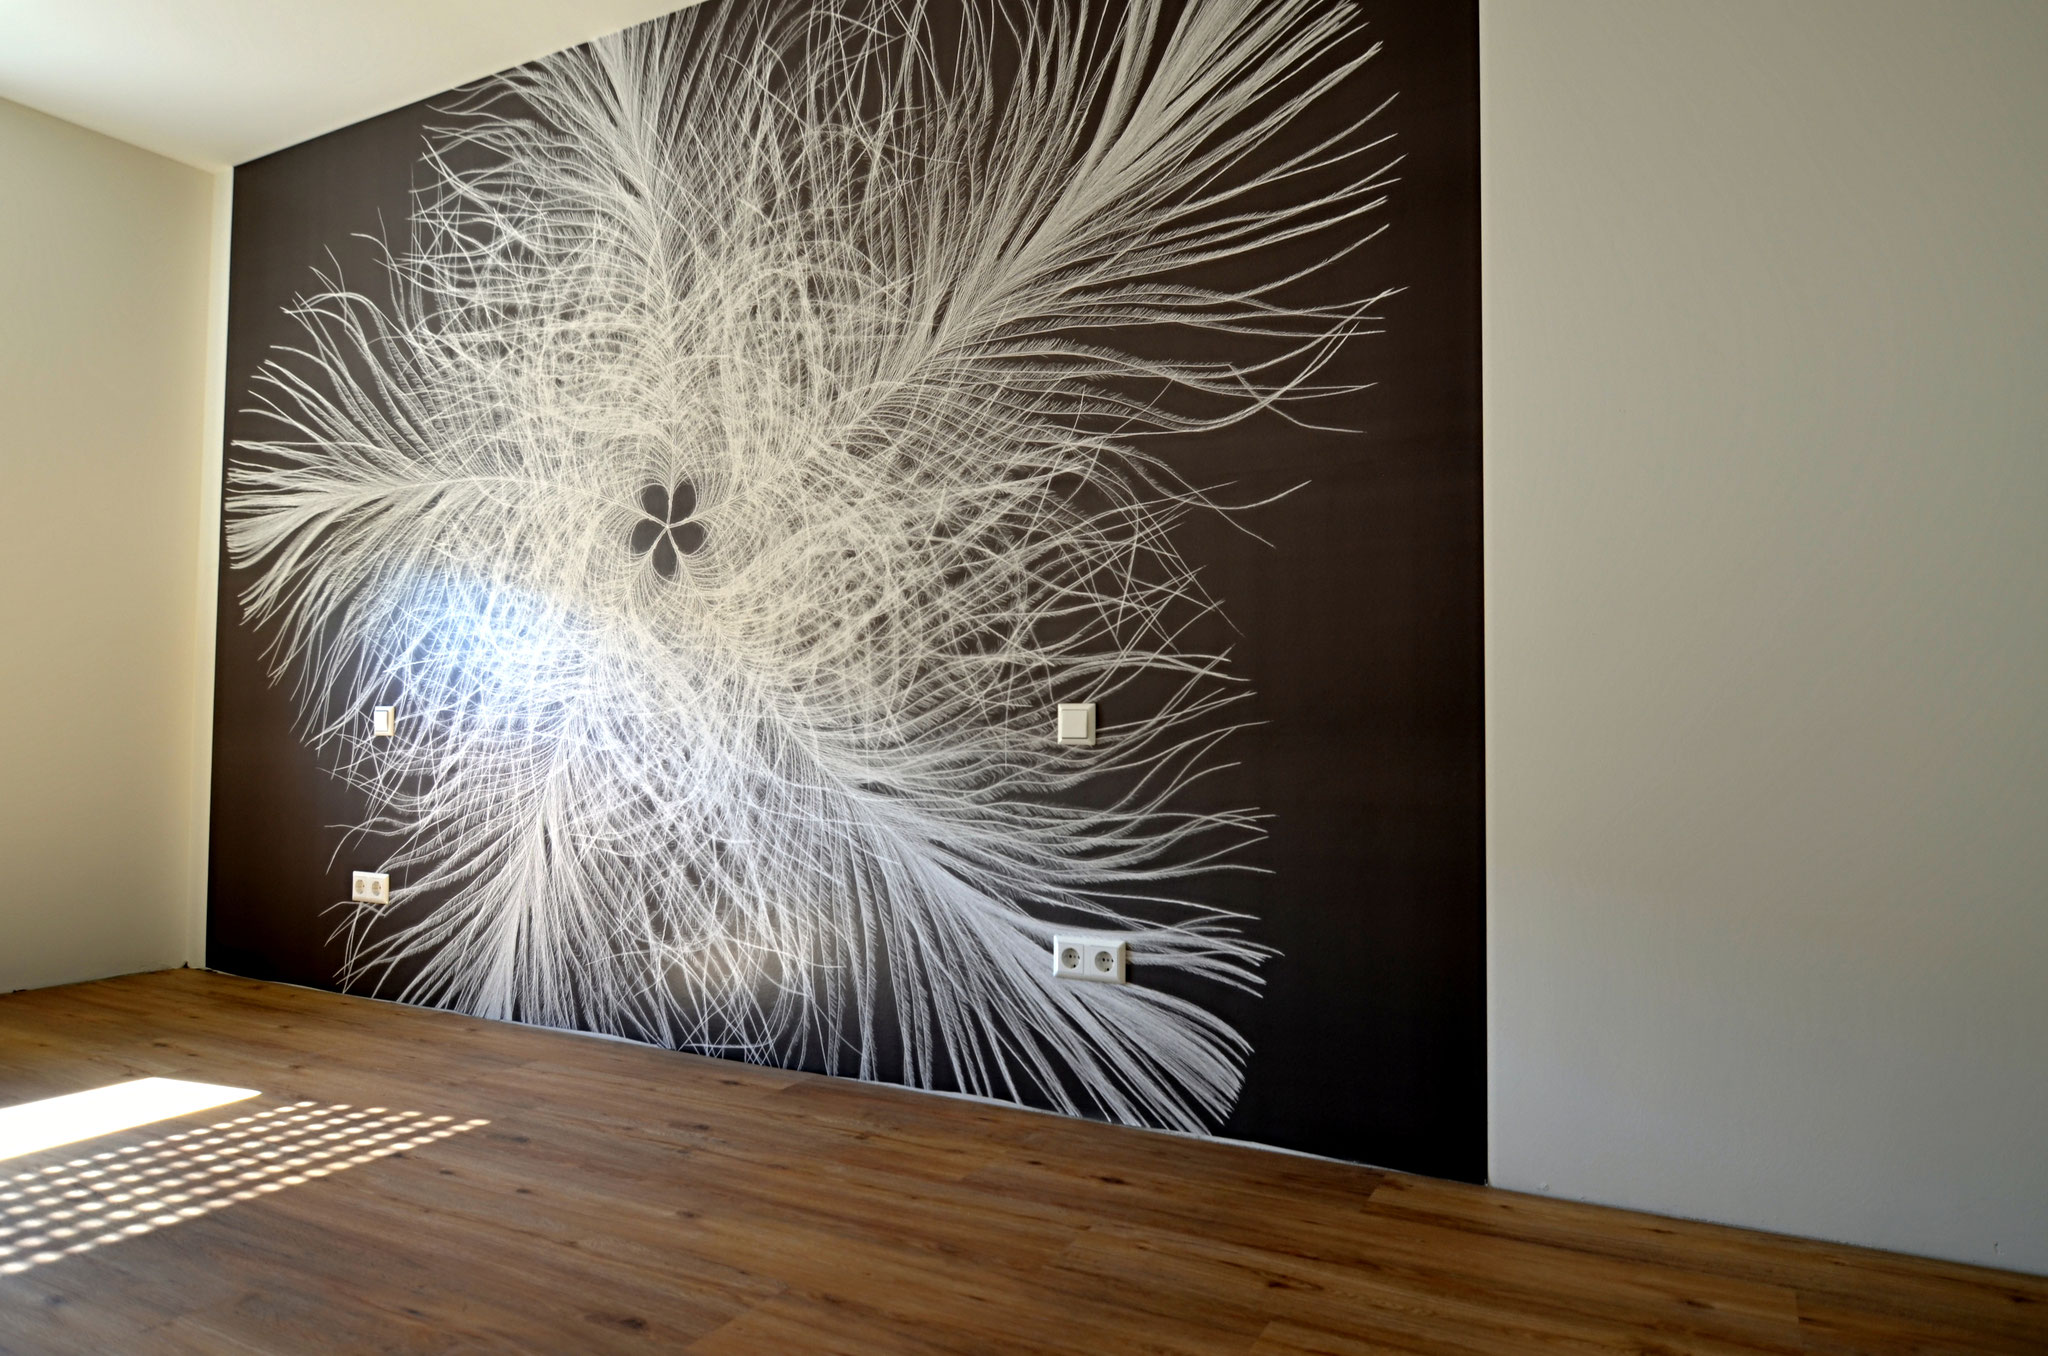 Fototapeten verleihen dem Raum einen ganz anderen Ausdruck